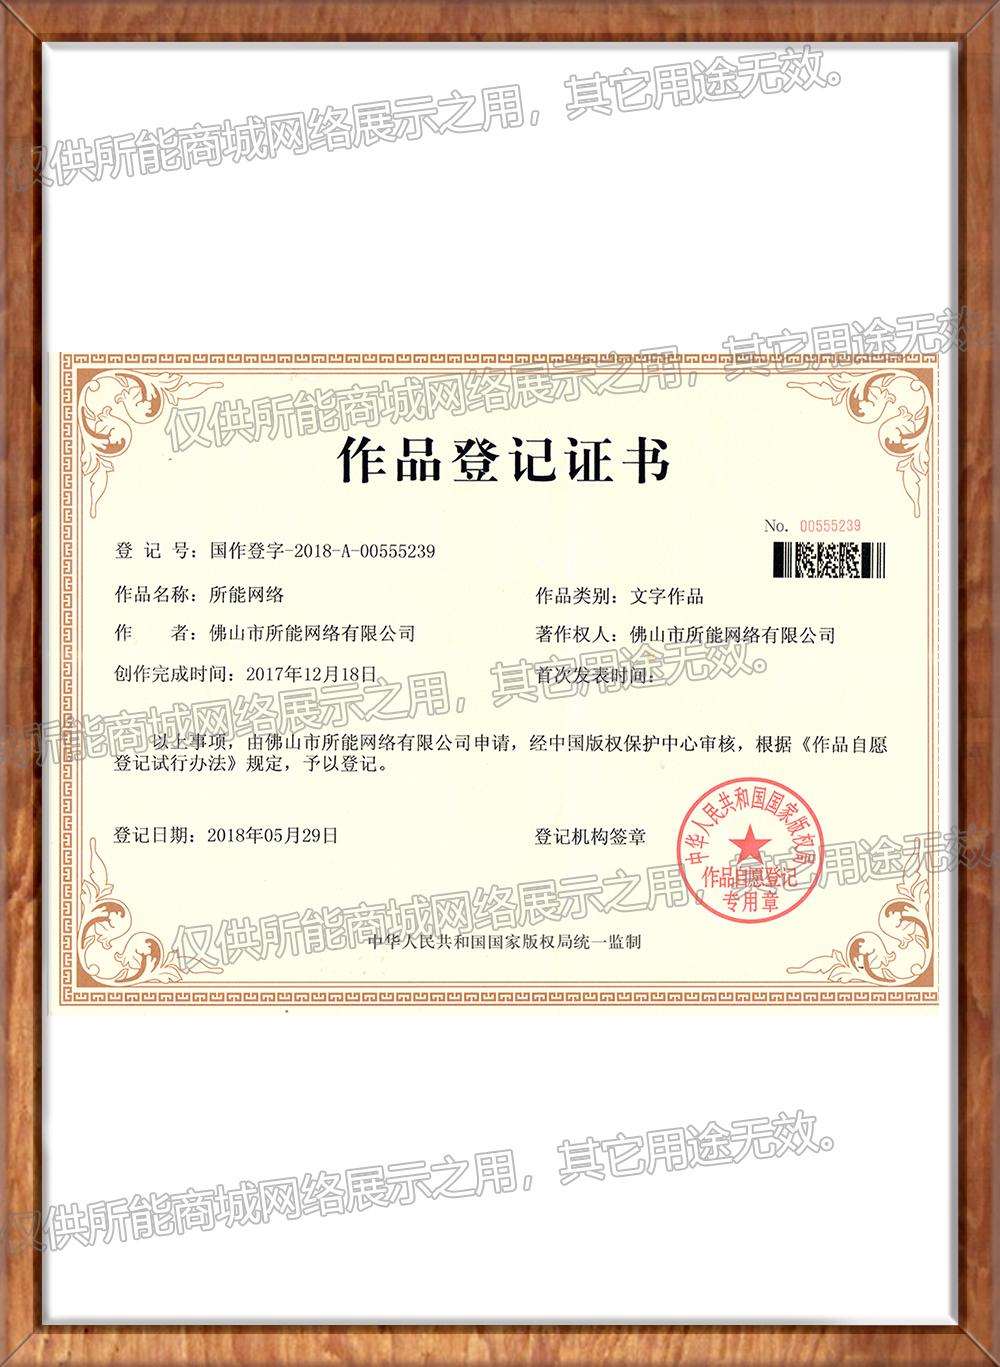 《所能网络》作品登记证书